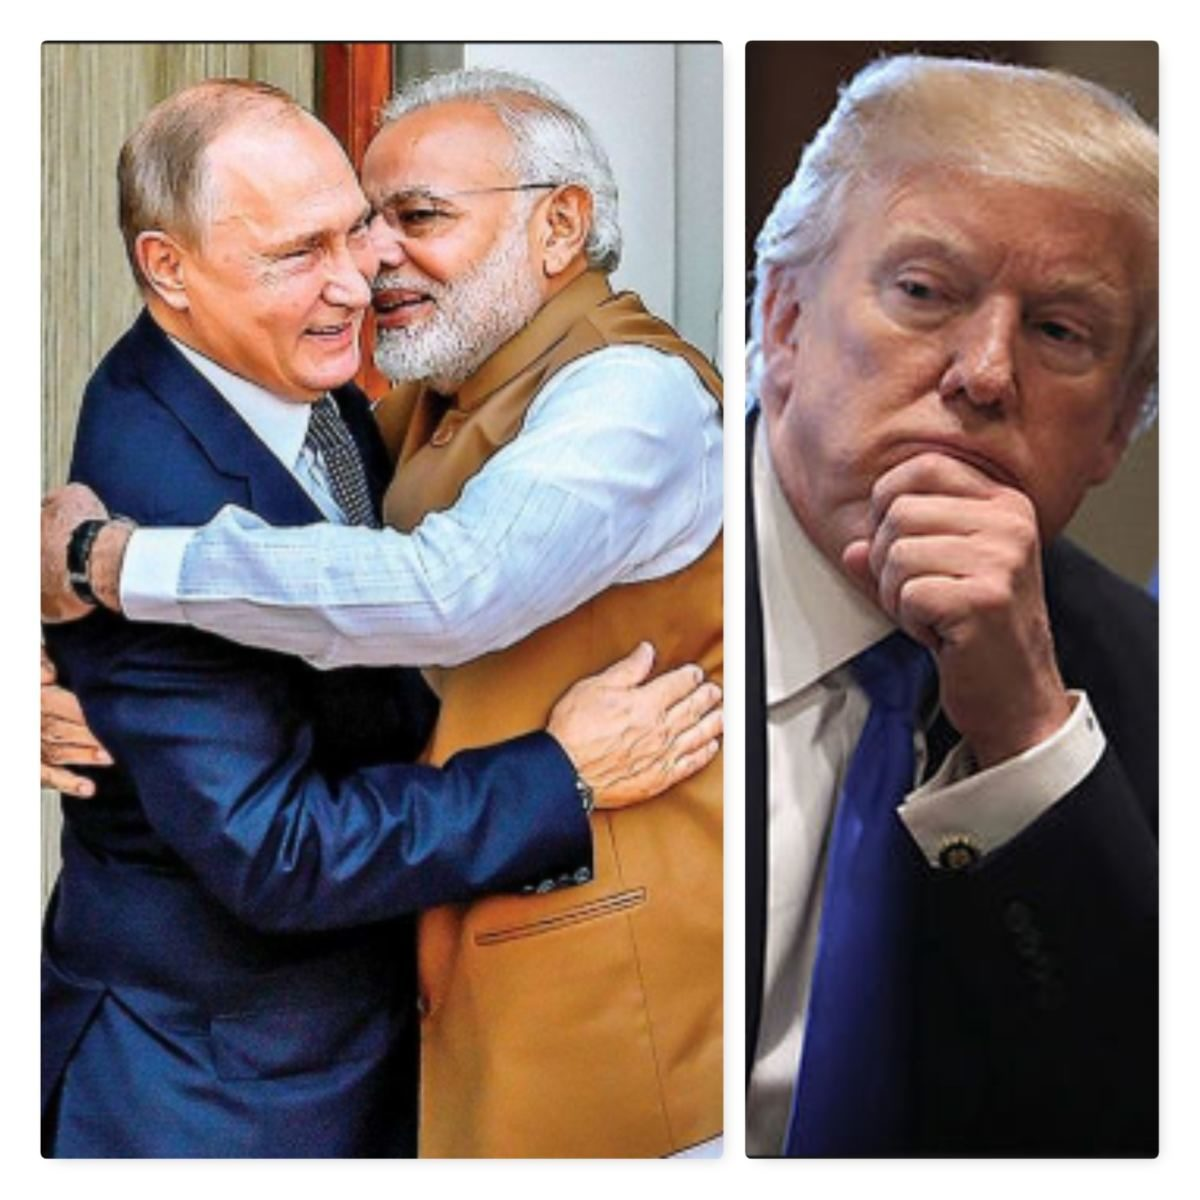 Handelskonflikt zwischen USA und Indien – Deutsche Medien verschweigen die wahren Gründe